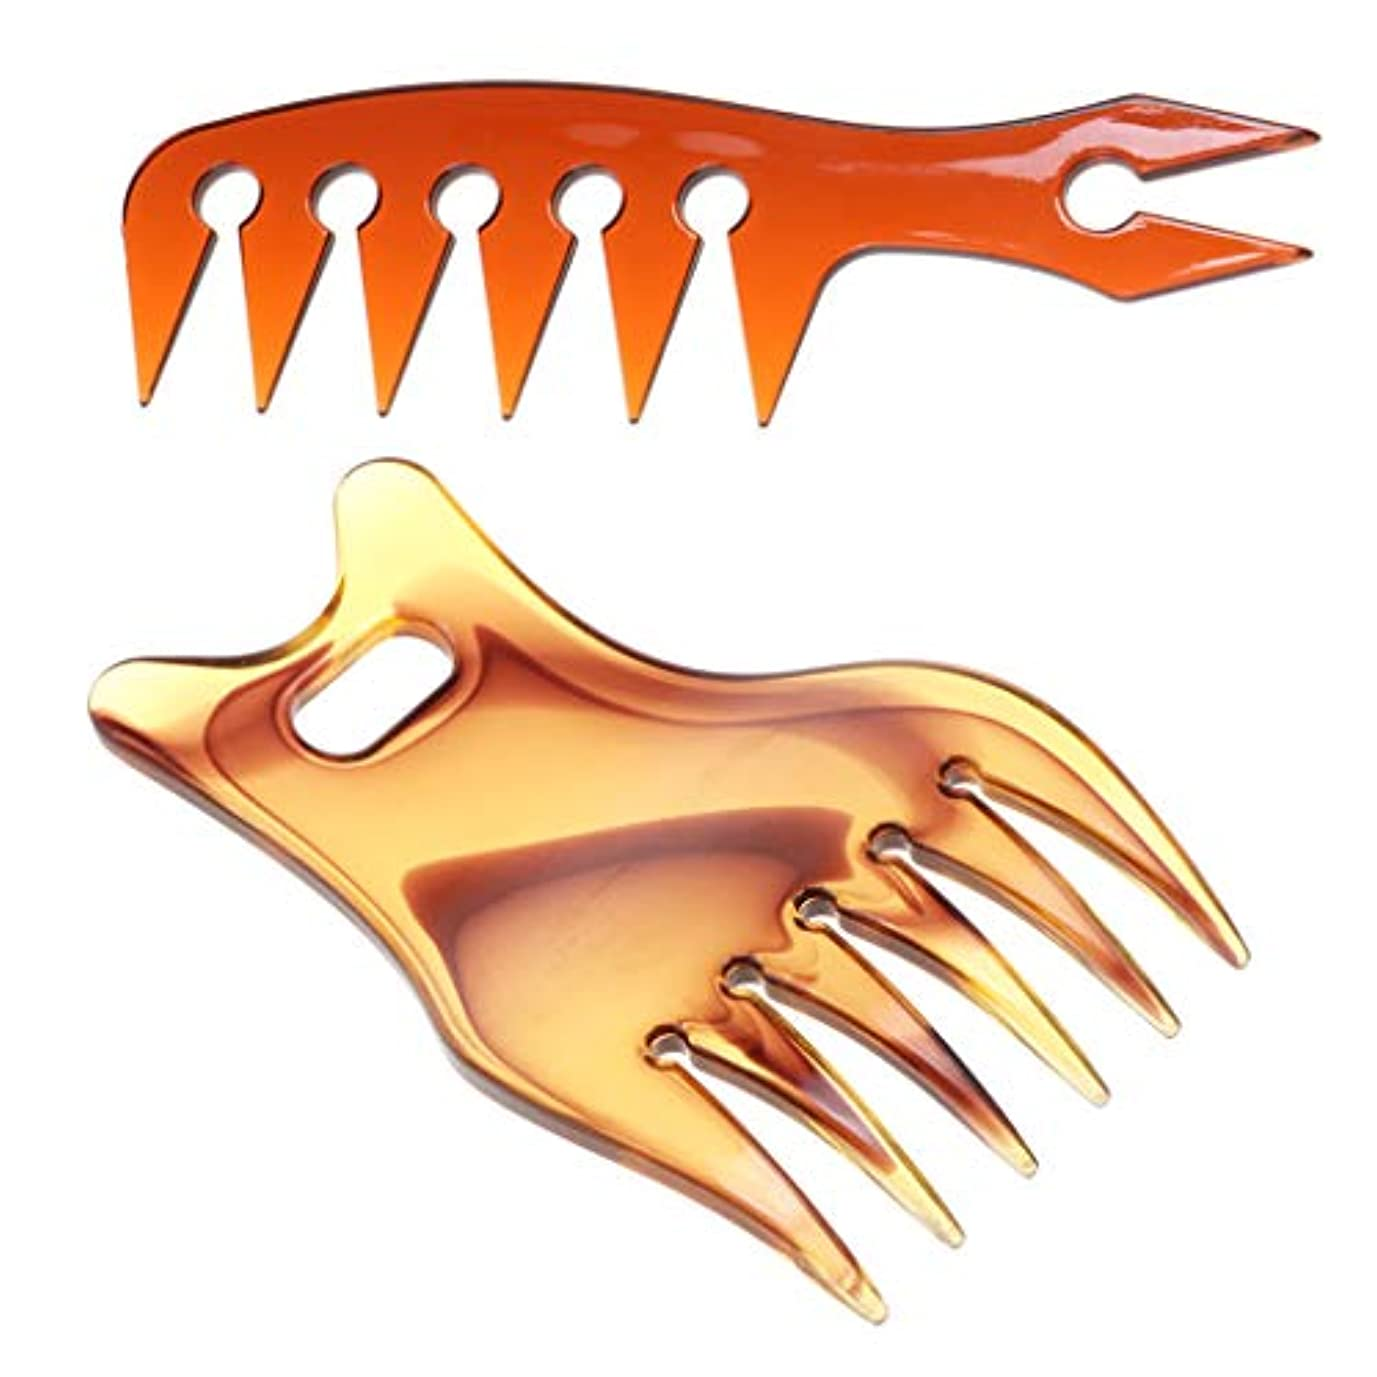 スペースプロフィール細菌ヘアコーム オイリーヘアコーム 広い歯 毛櫛 ヘアダイコーム プラスチック 帯電防止 耐熱性